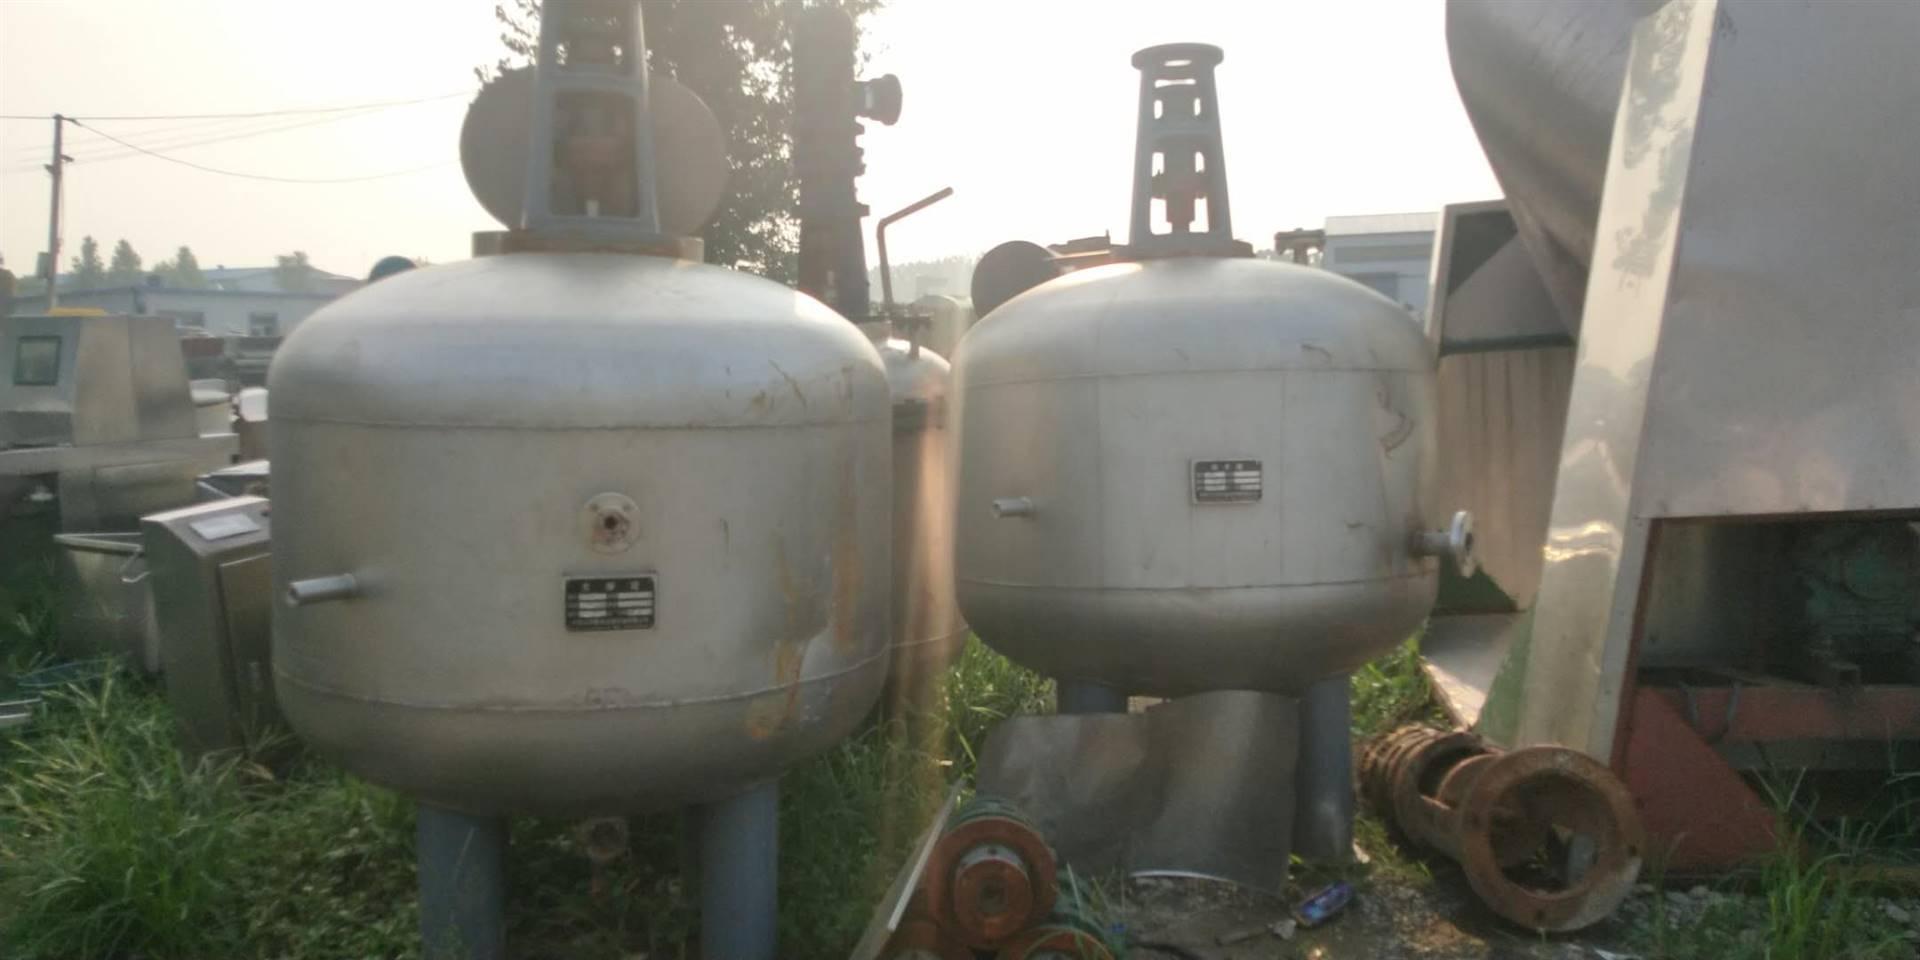 二手不锈钢搅拌罐   不锈钢搅拌罐     高速搅拌罐  反应釜